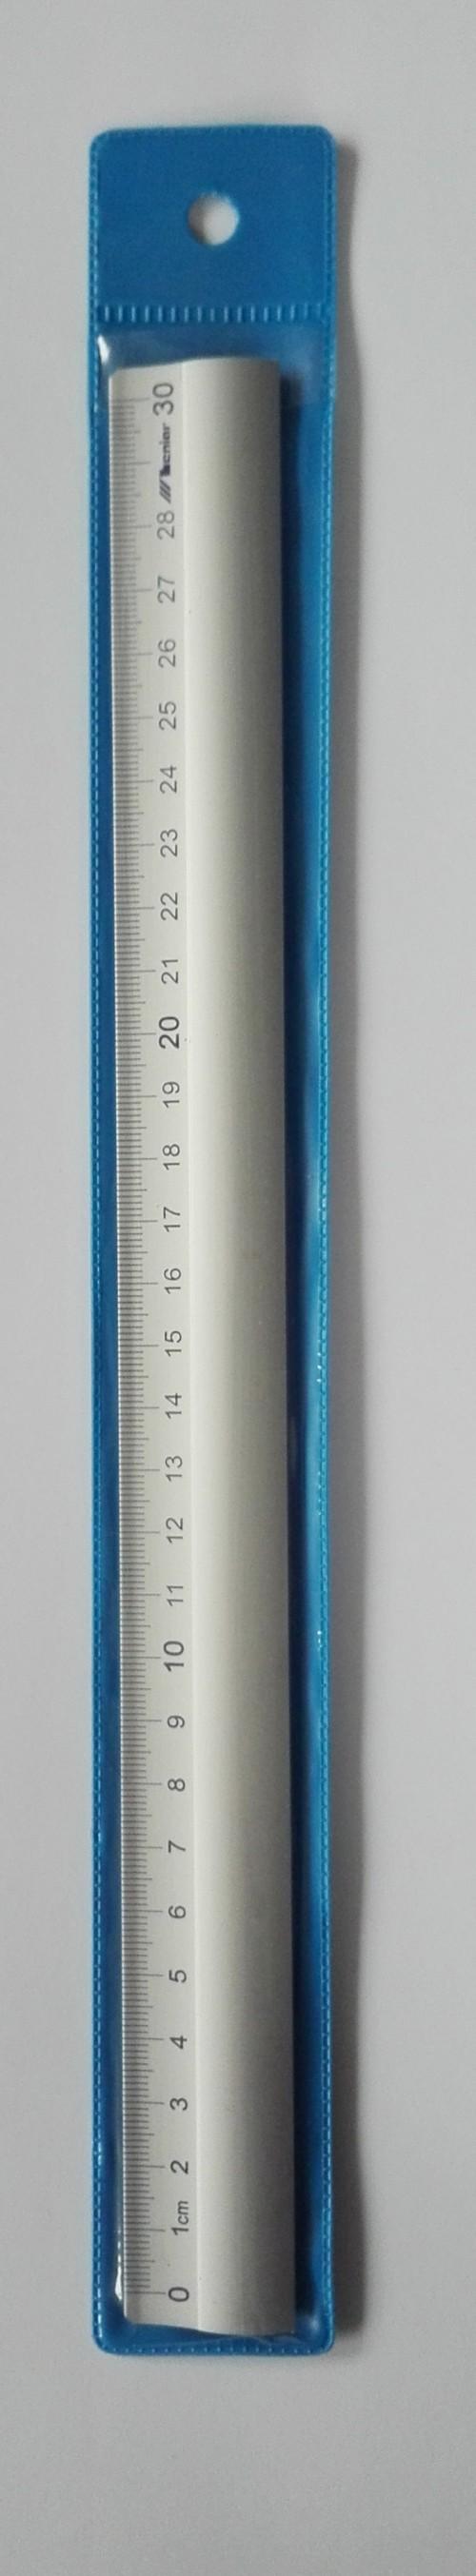 linijka 30 cm 01